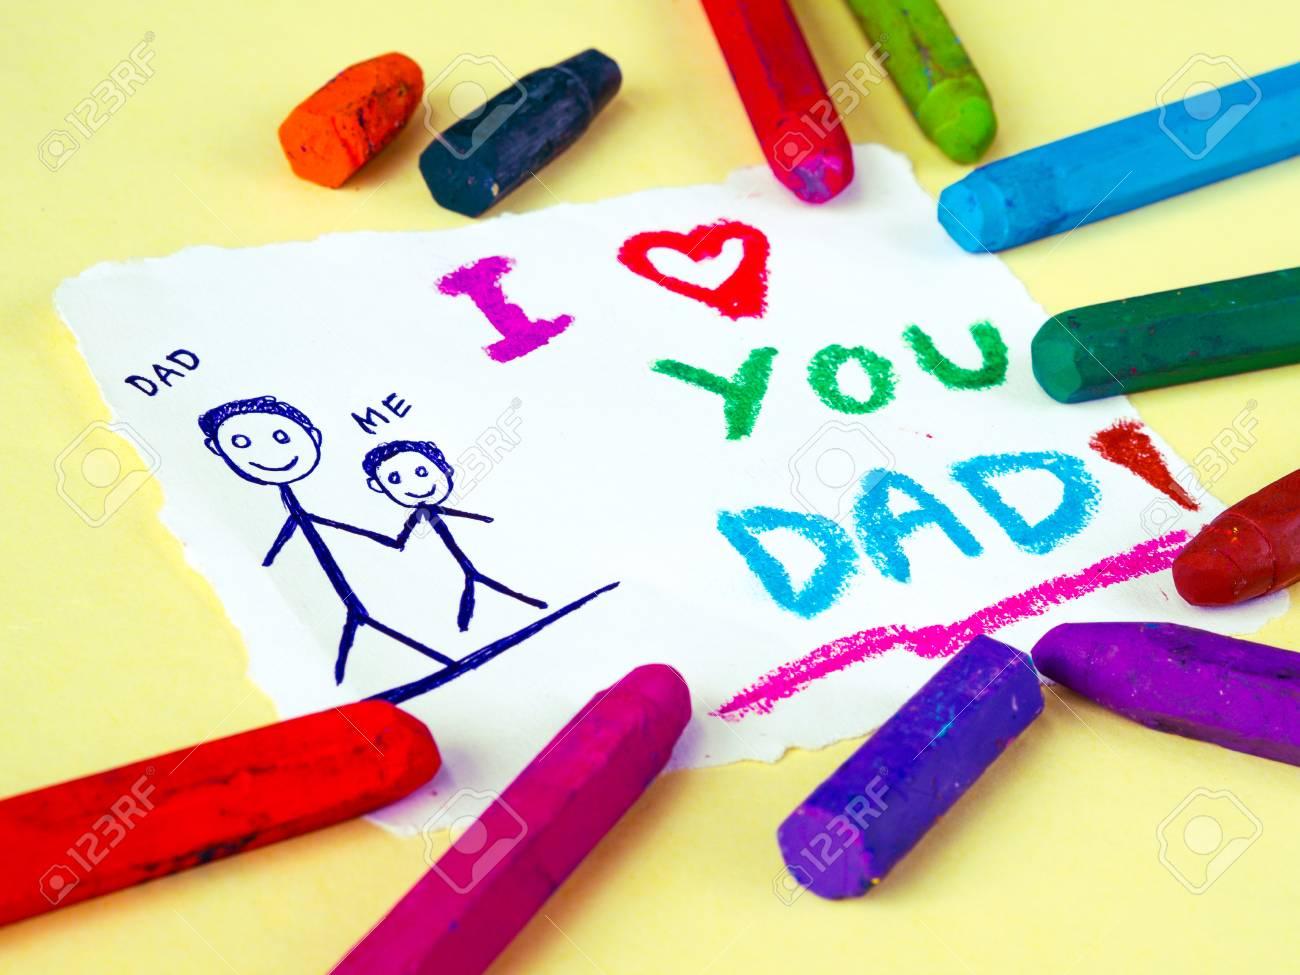 Disegno Di Un Bambino : Scherzi il disegno del padre che tiene il suo bambino per il tema di